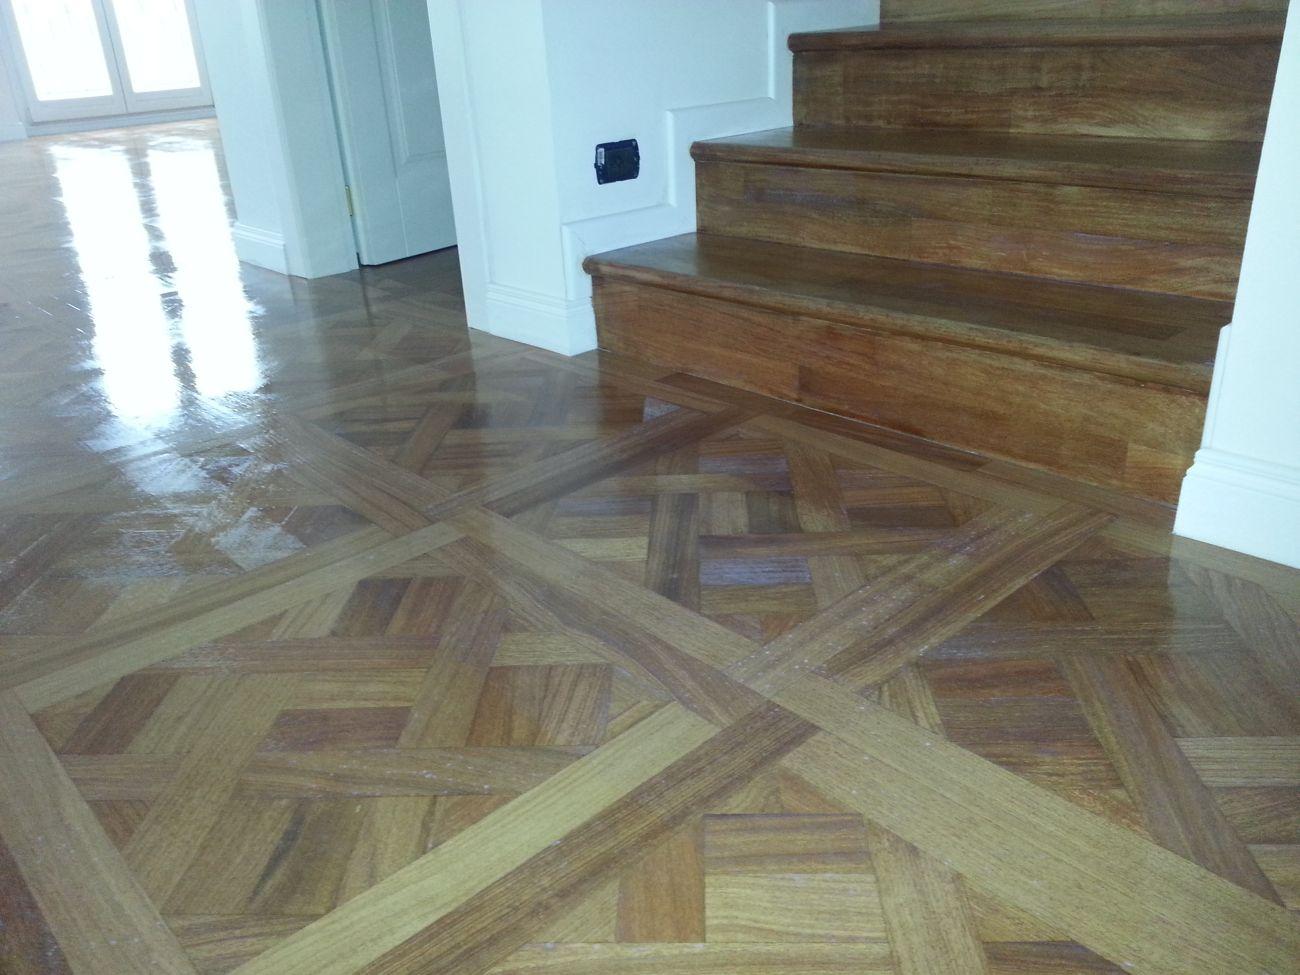 Parquet per interni soriano pavimenti in legno for Pavimenti a mosaico per interni